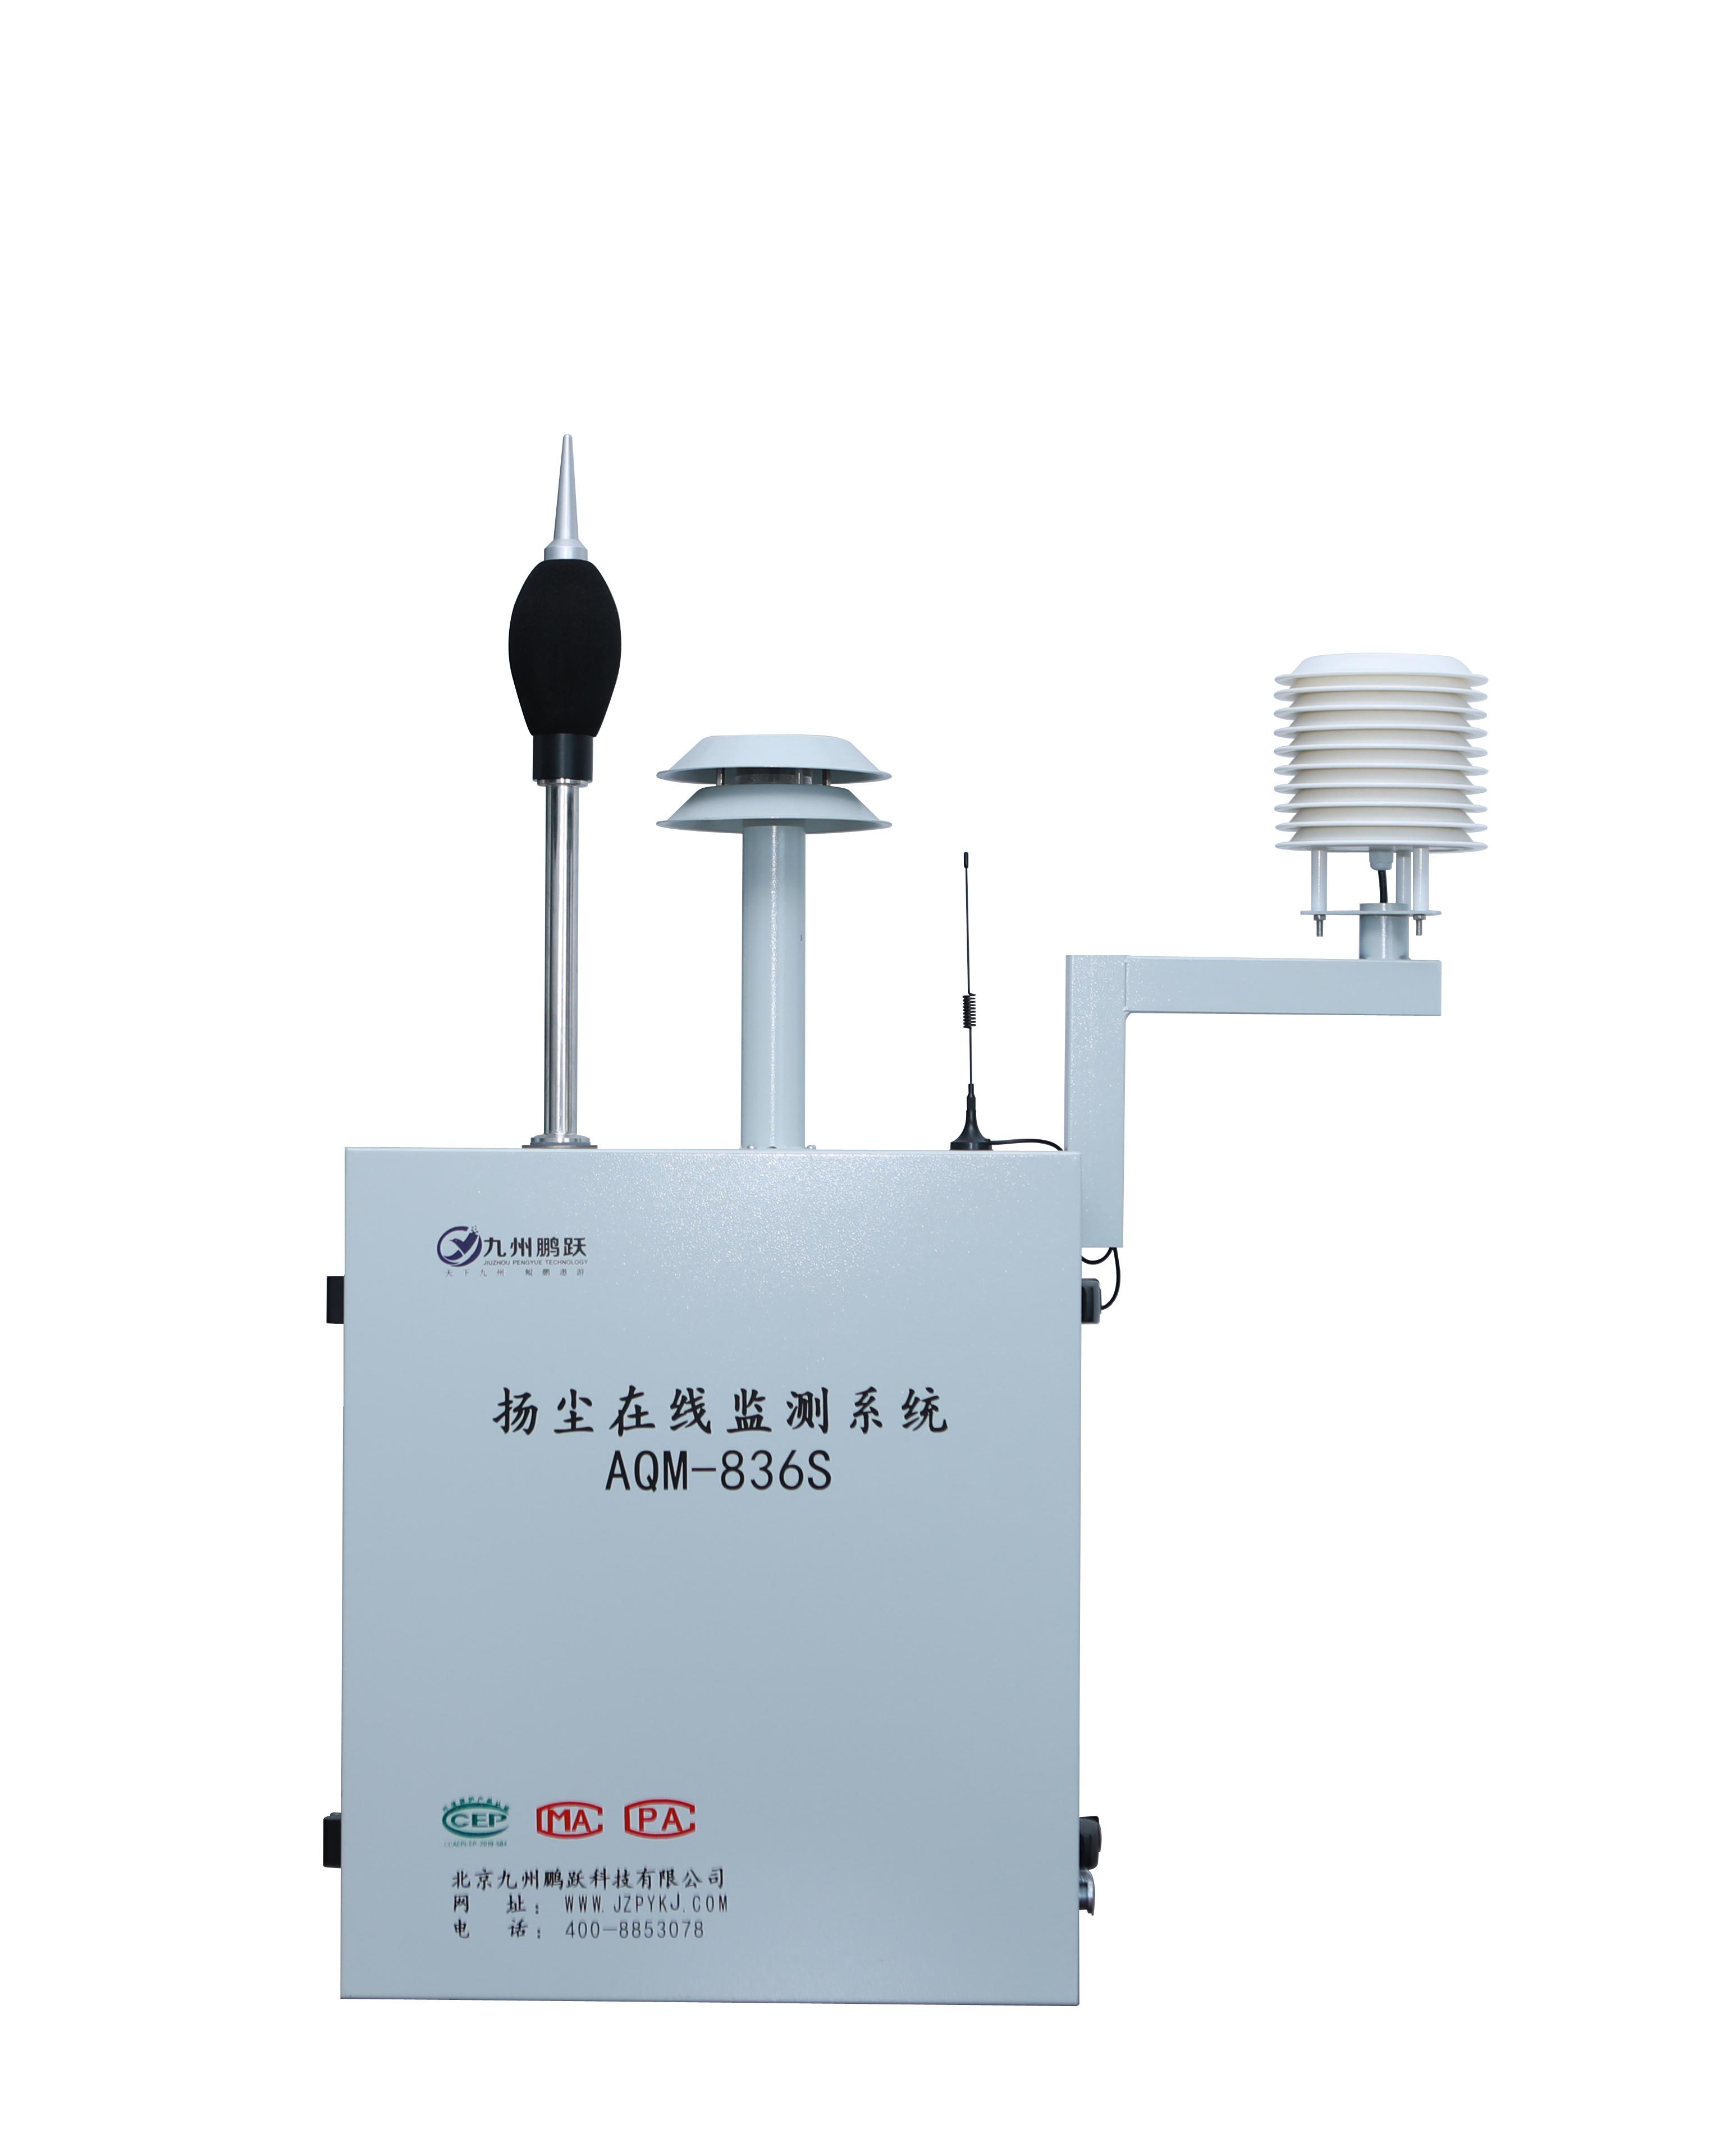 面粉厂污染物无组织排放扬尘噪声在线监测系统AQM对接平台